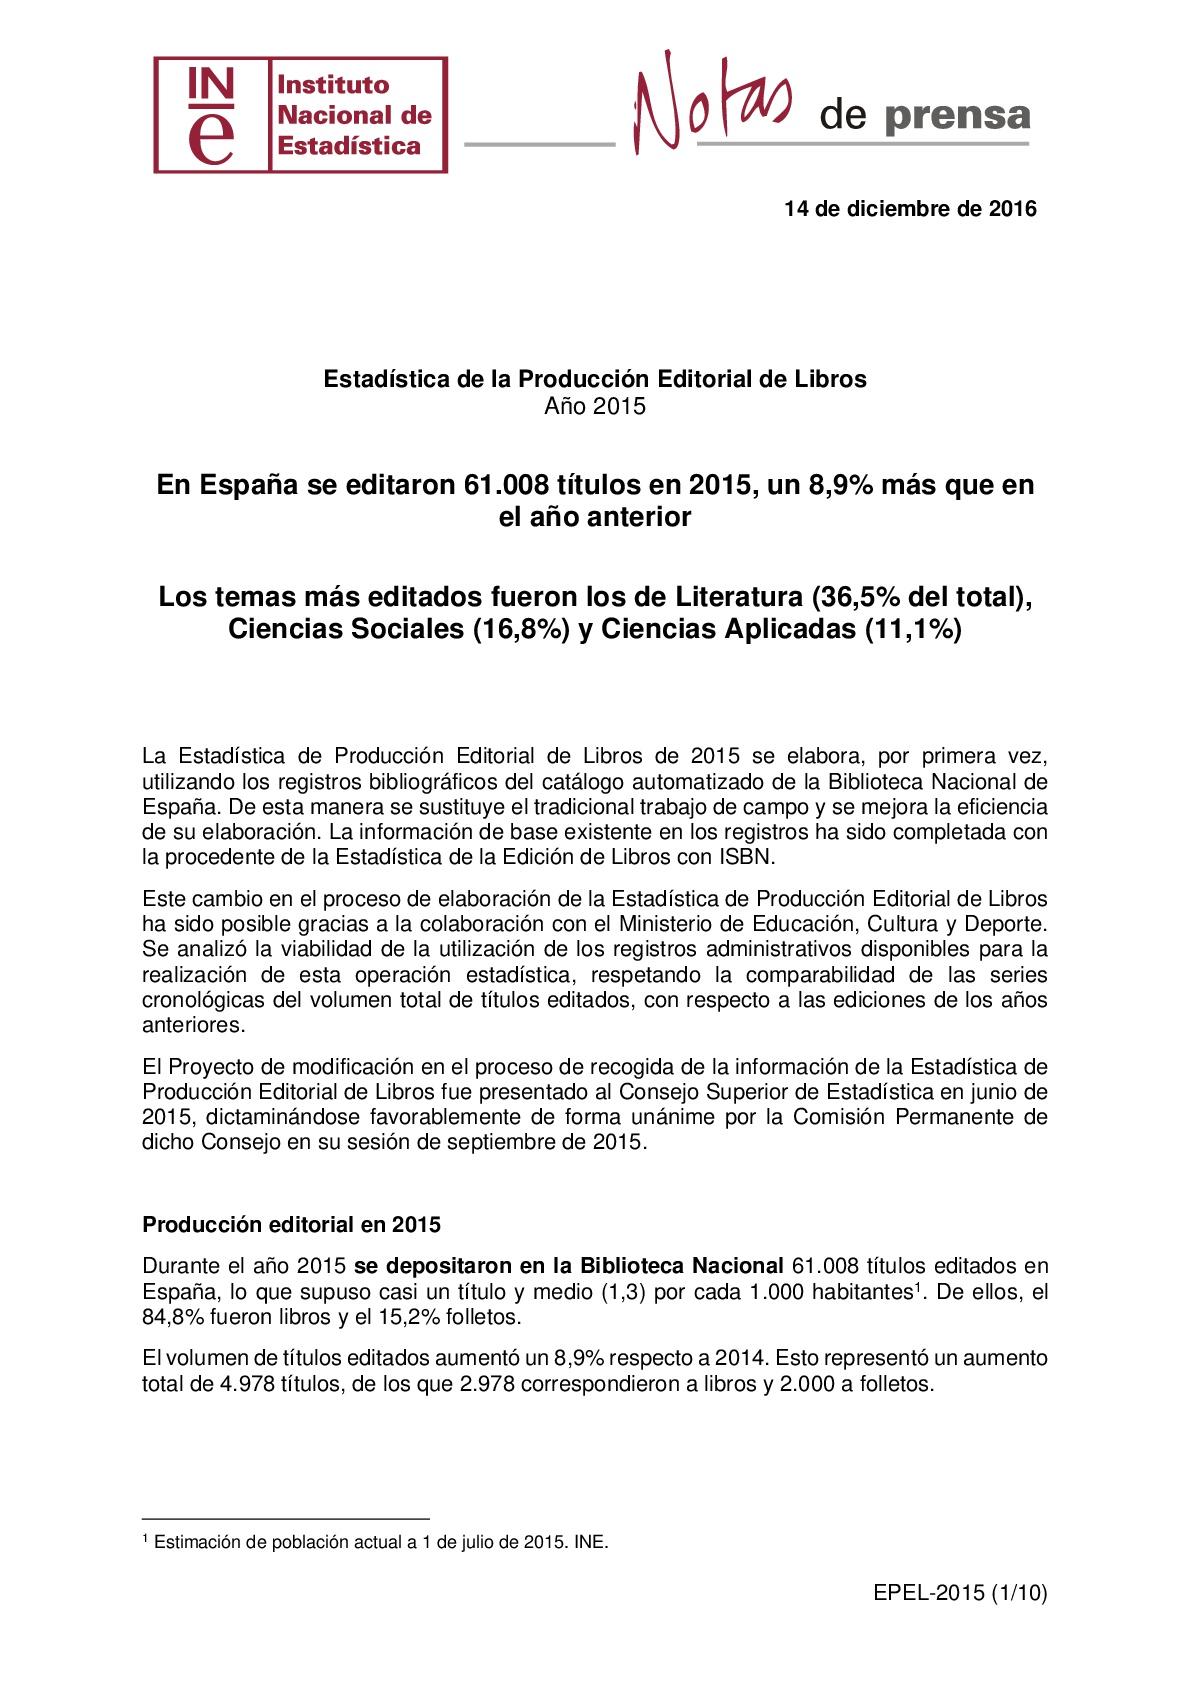 Estadística de la producción editorial de libros. Año 2015